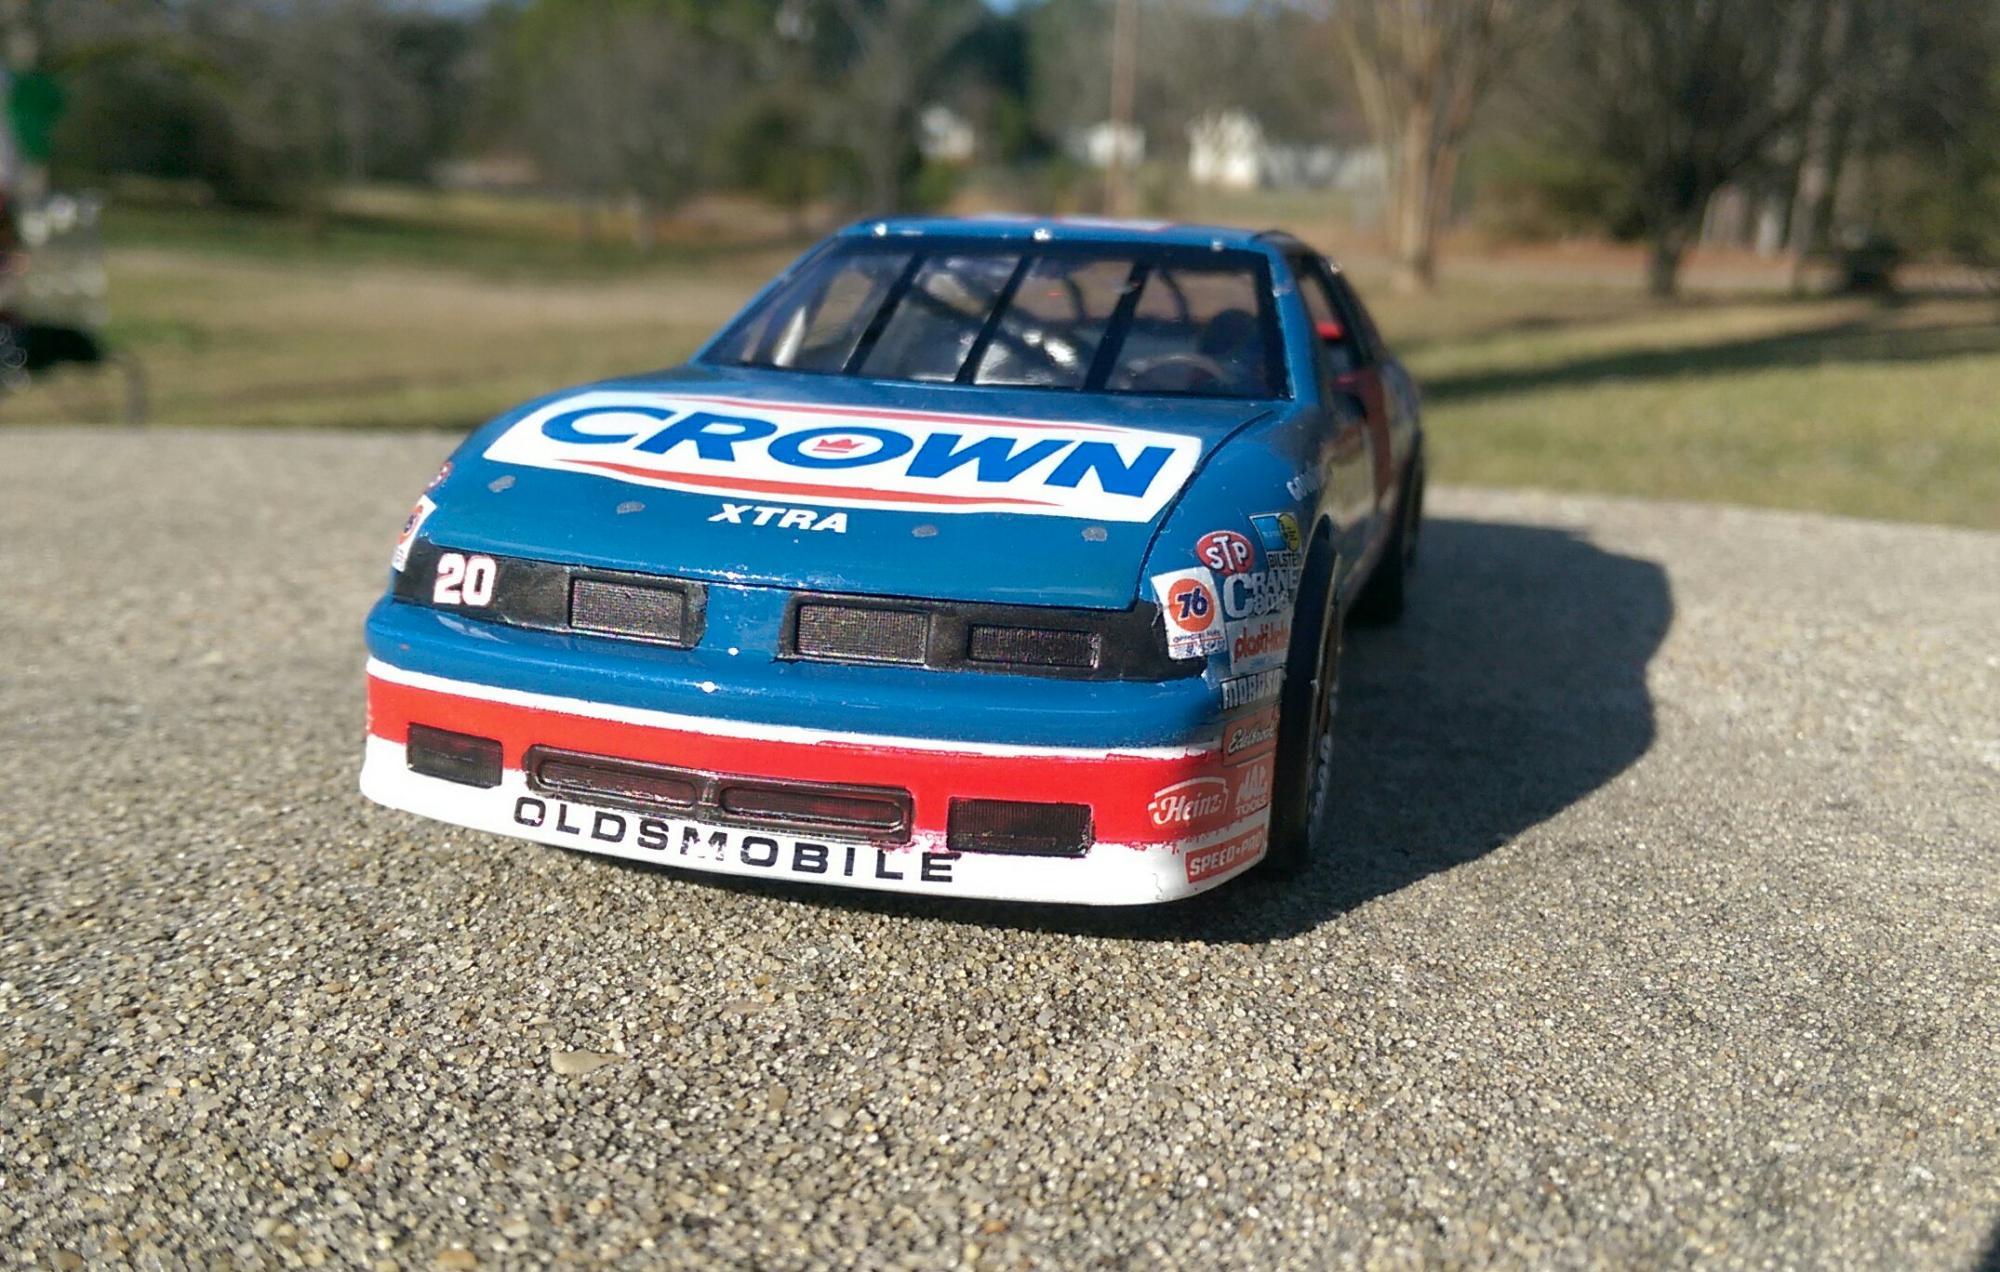 20 crown oldsmobile - nascar